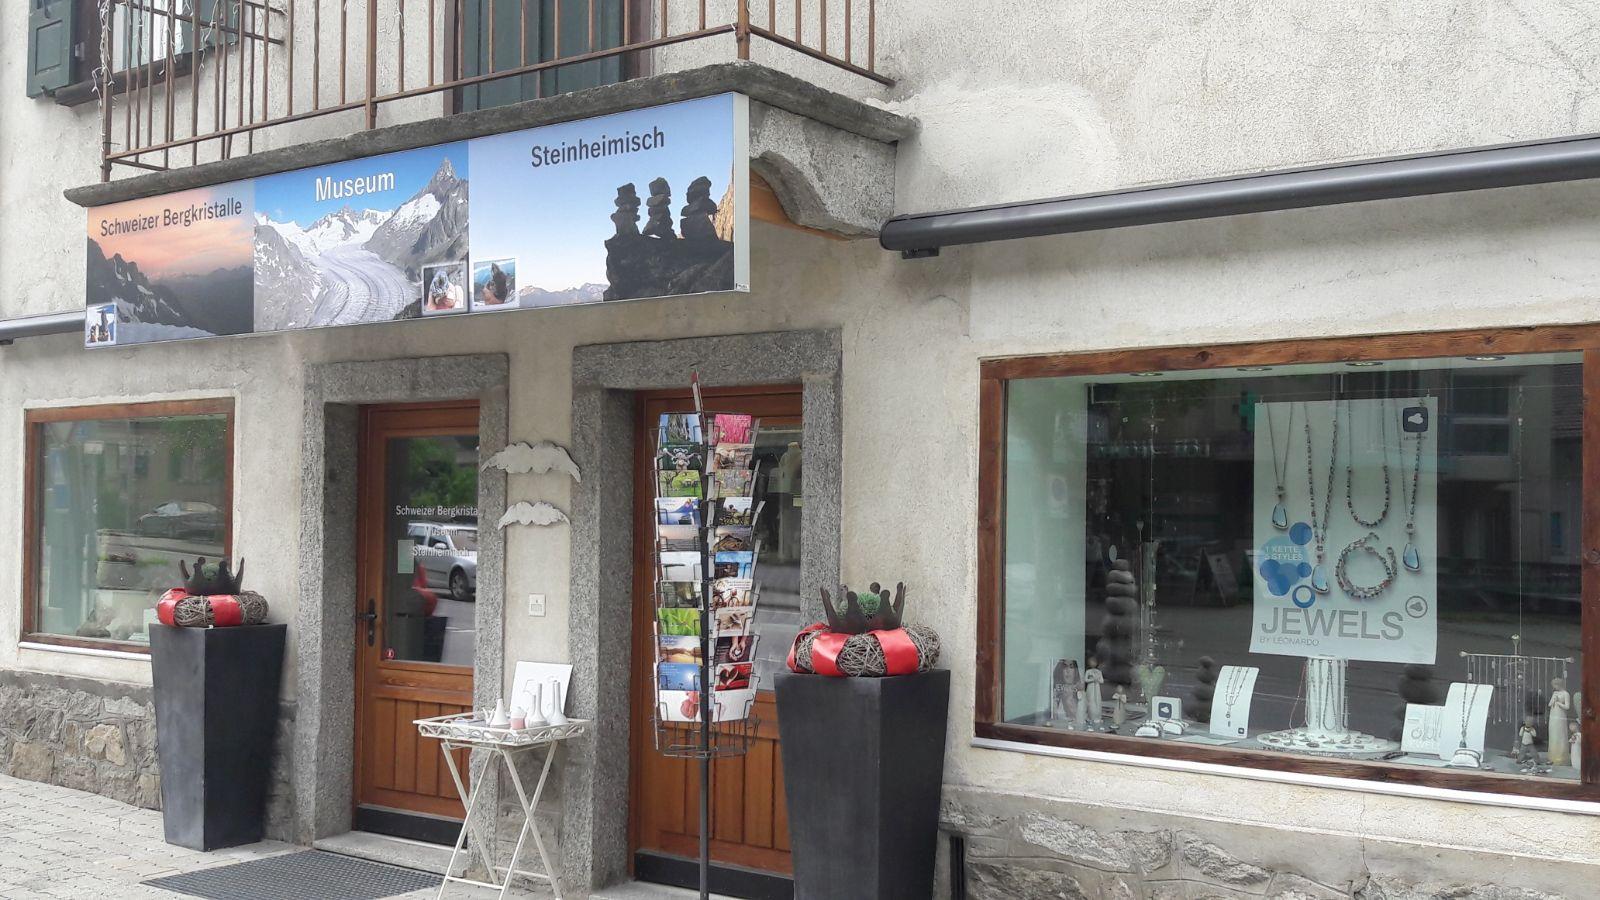 Schweizer Strahler Museum Schmidt